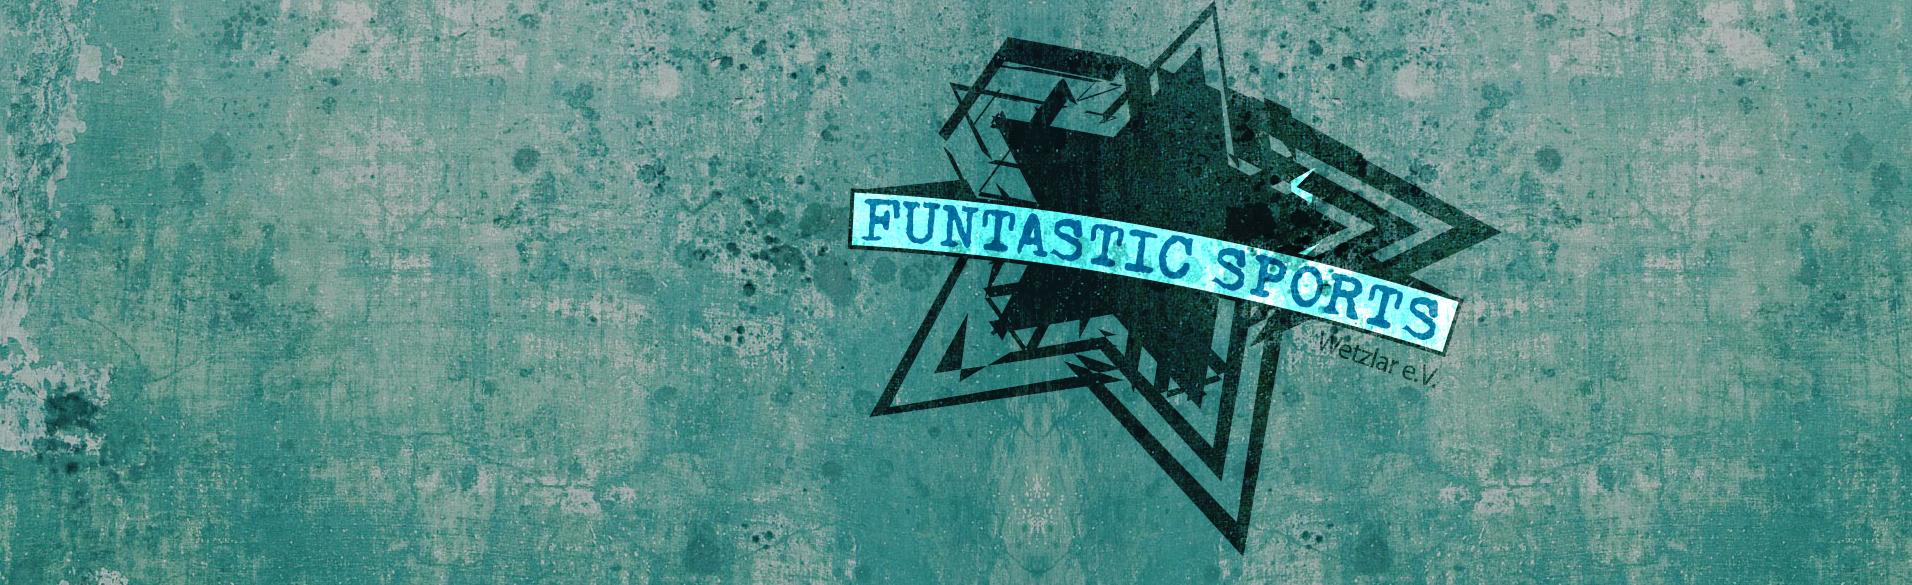 funtastic-home-img-31